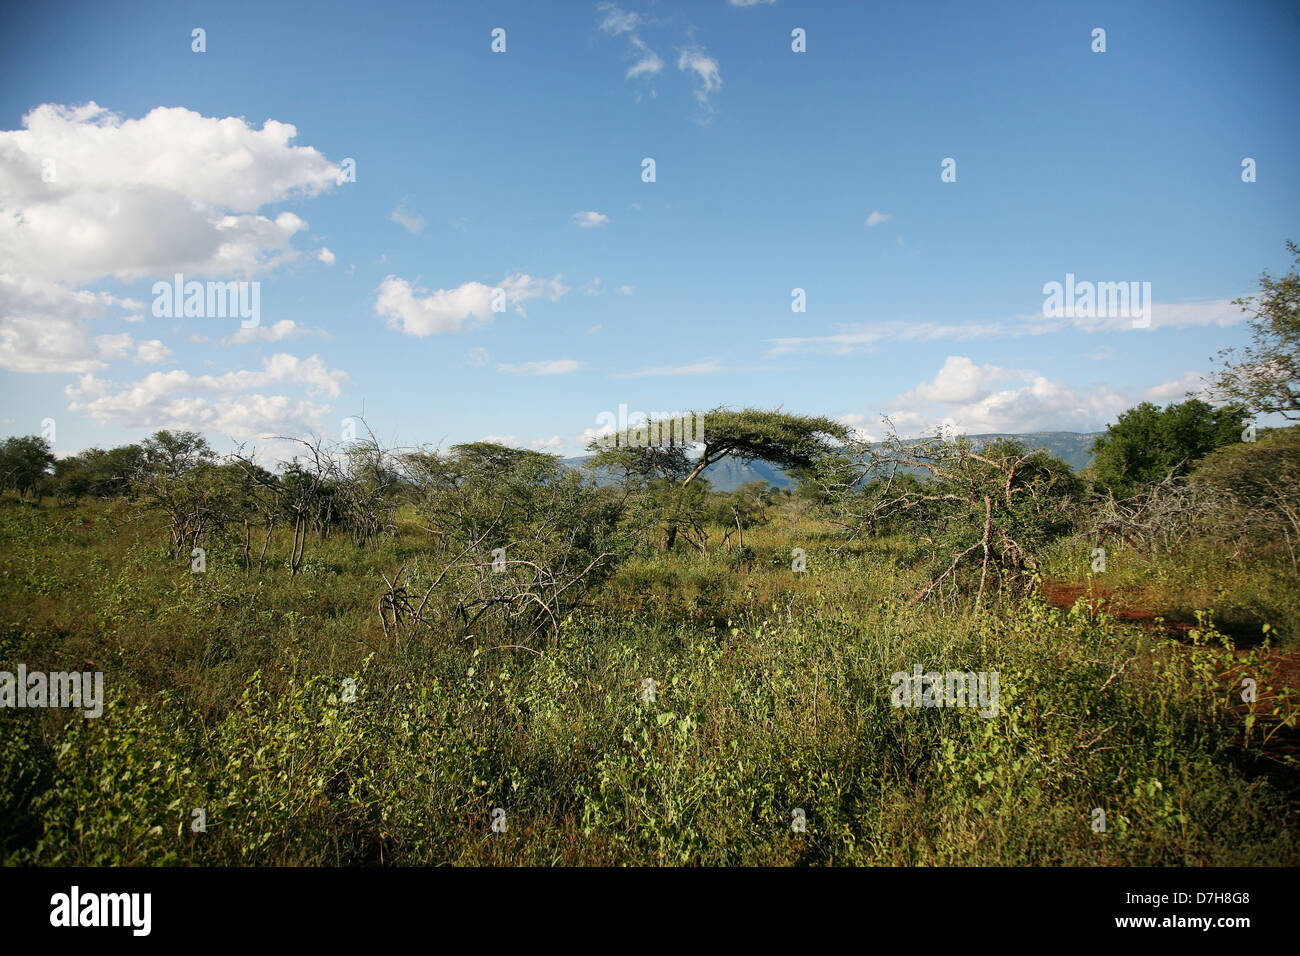 Landscape imagery of Kwazulu Natal, South Africa - Stock Image